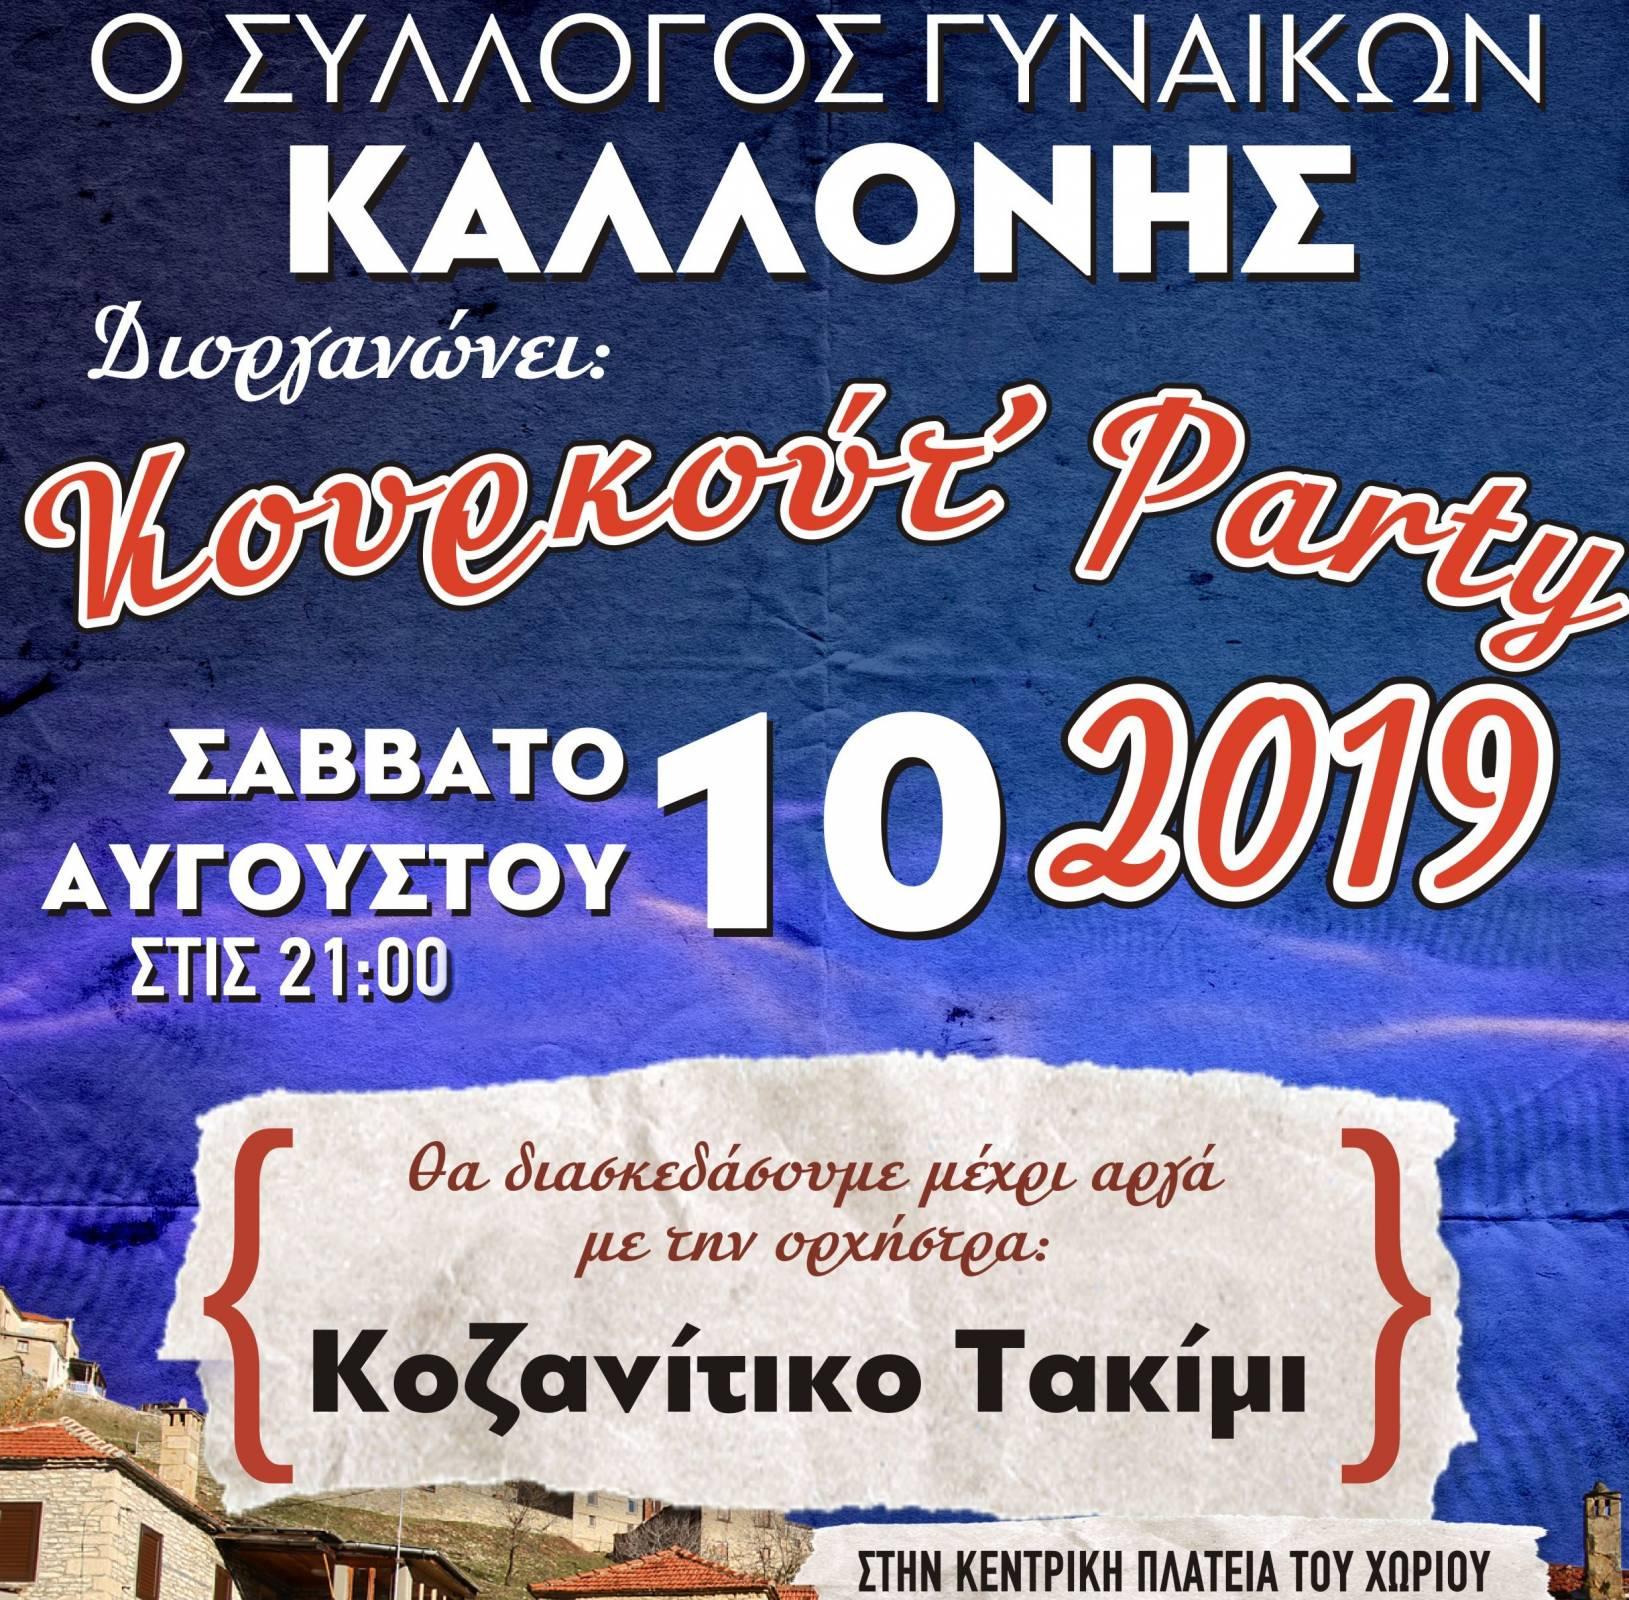 Κουρκούτ' Party από τον Σύλλογο Γυναικών Καλλονής Γρεβενών